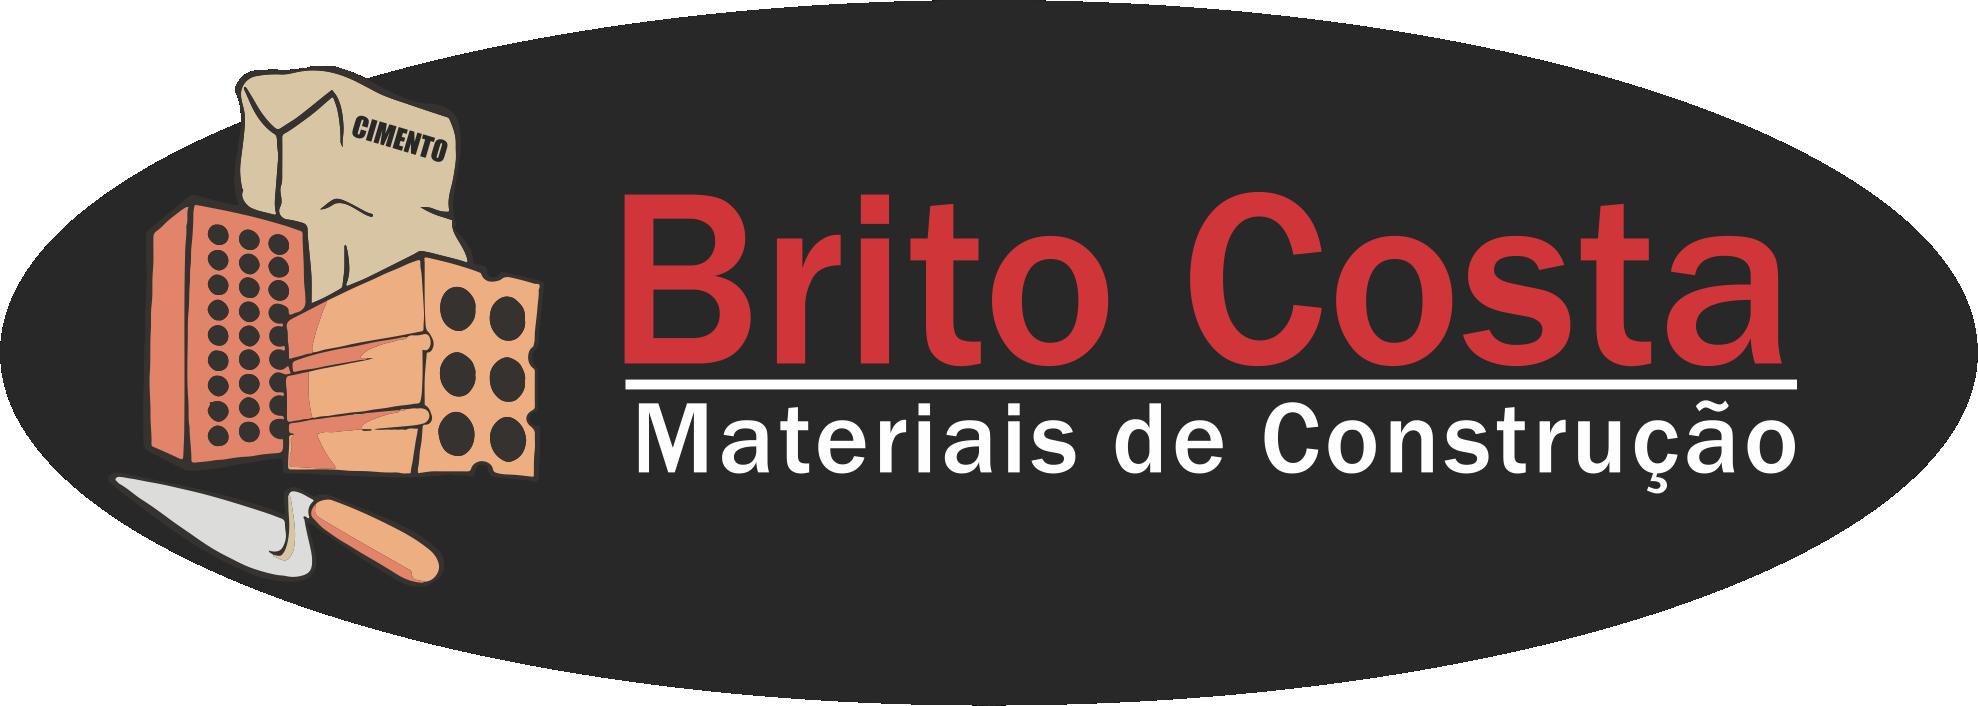 Brito Costa